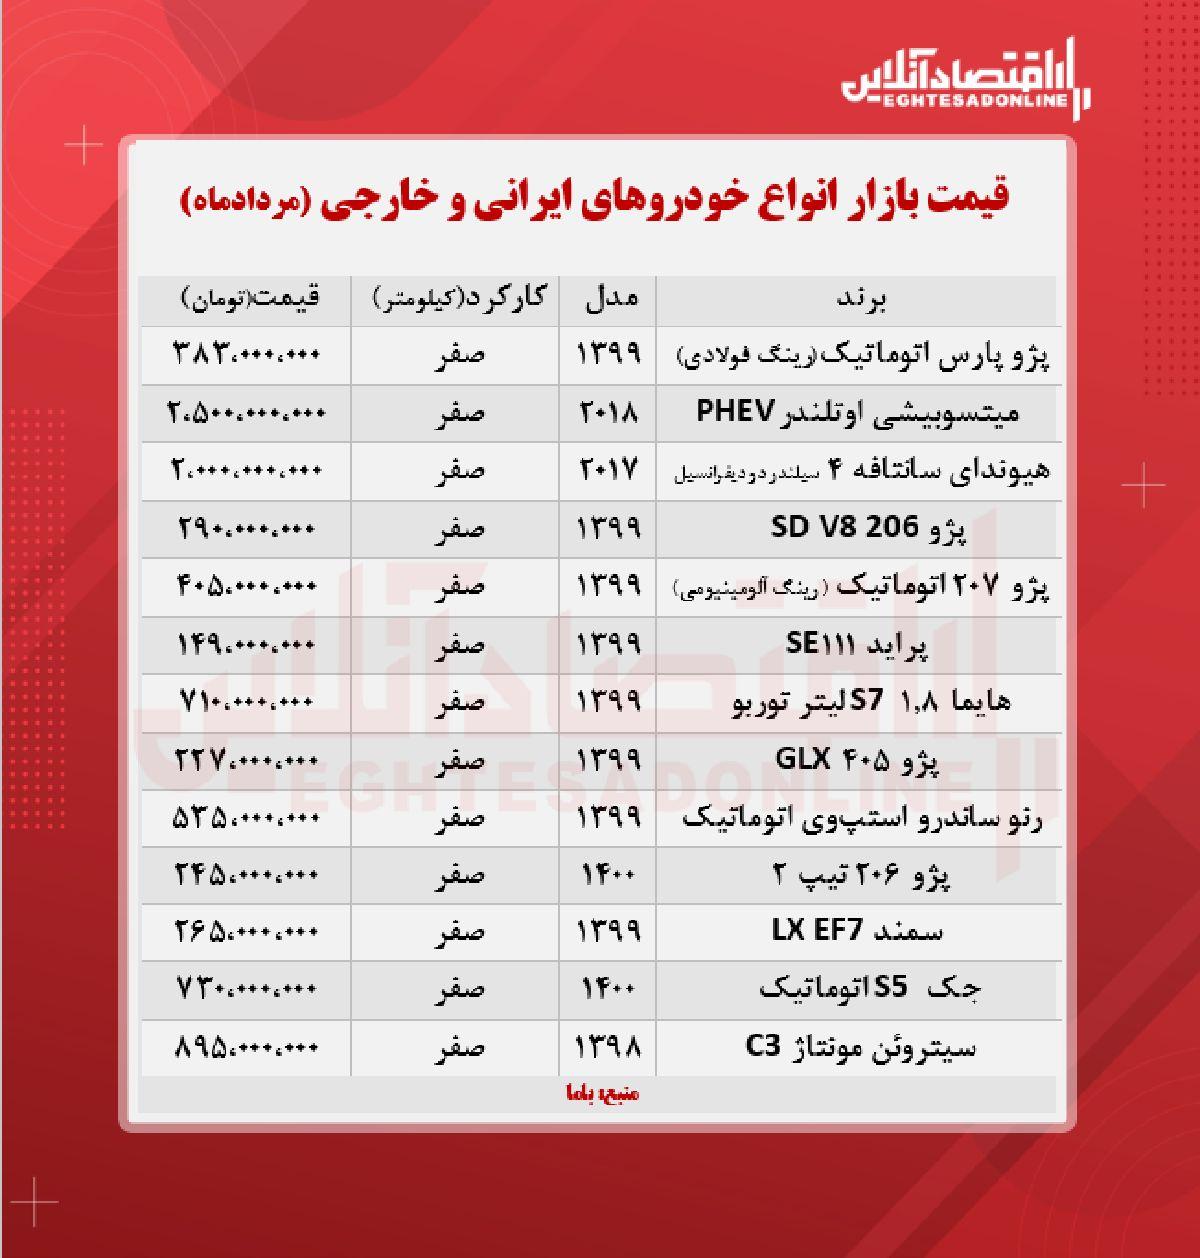 قیمت خودرو امروز ۱۴۰۰/۵/۲۹